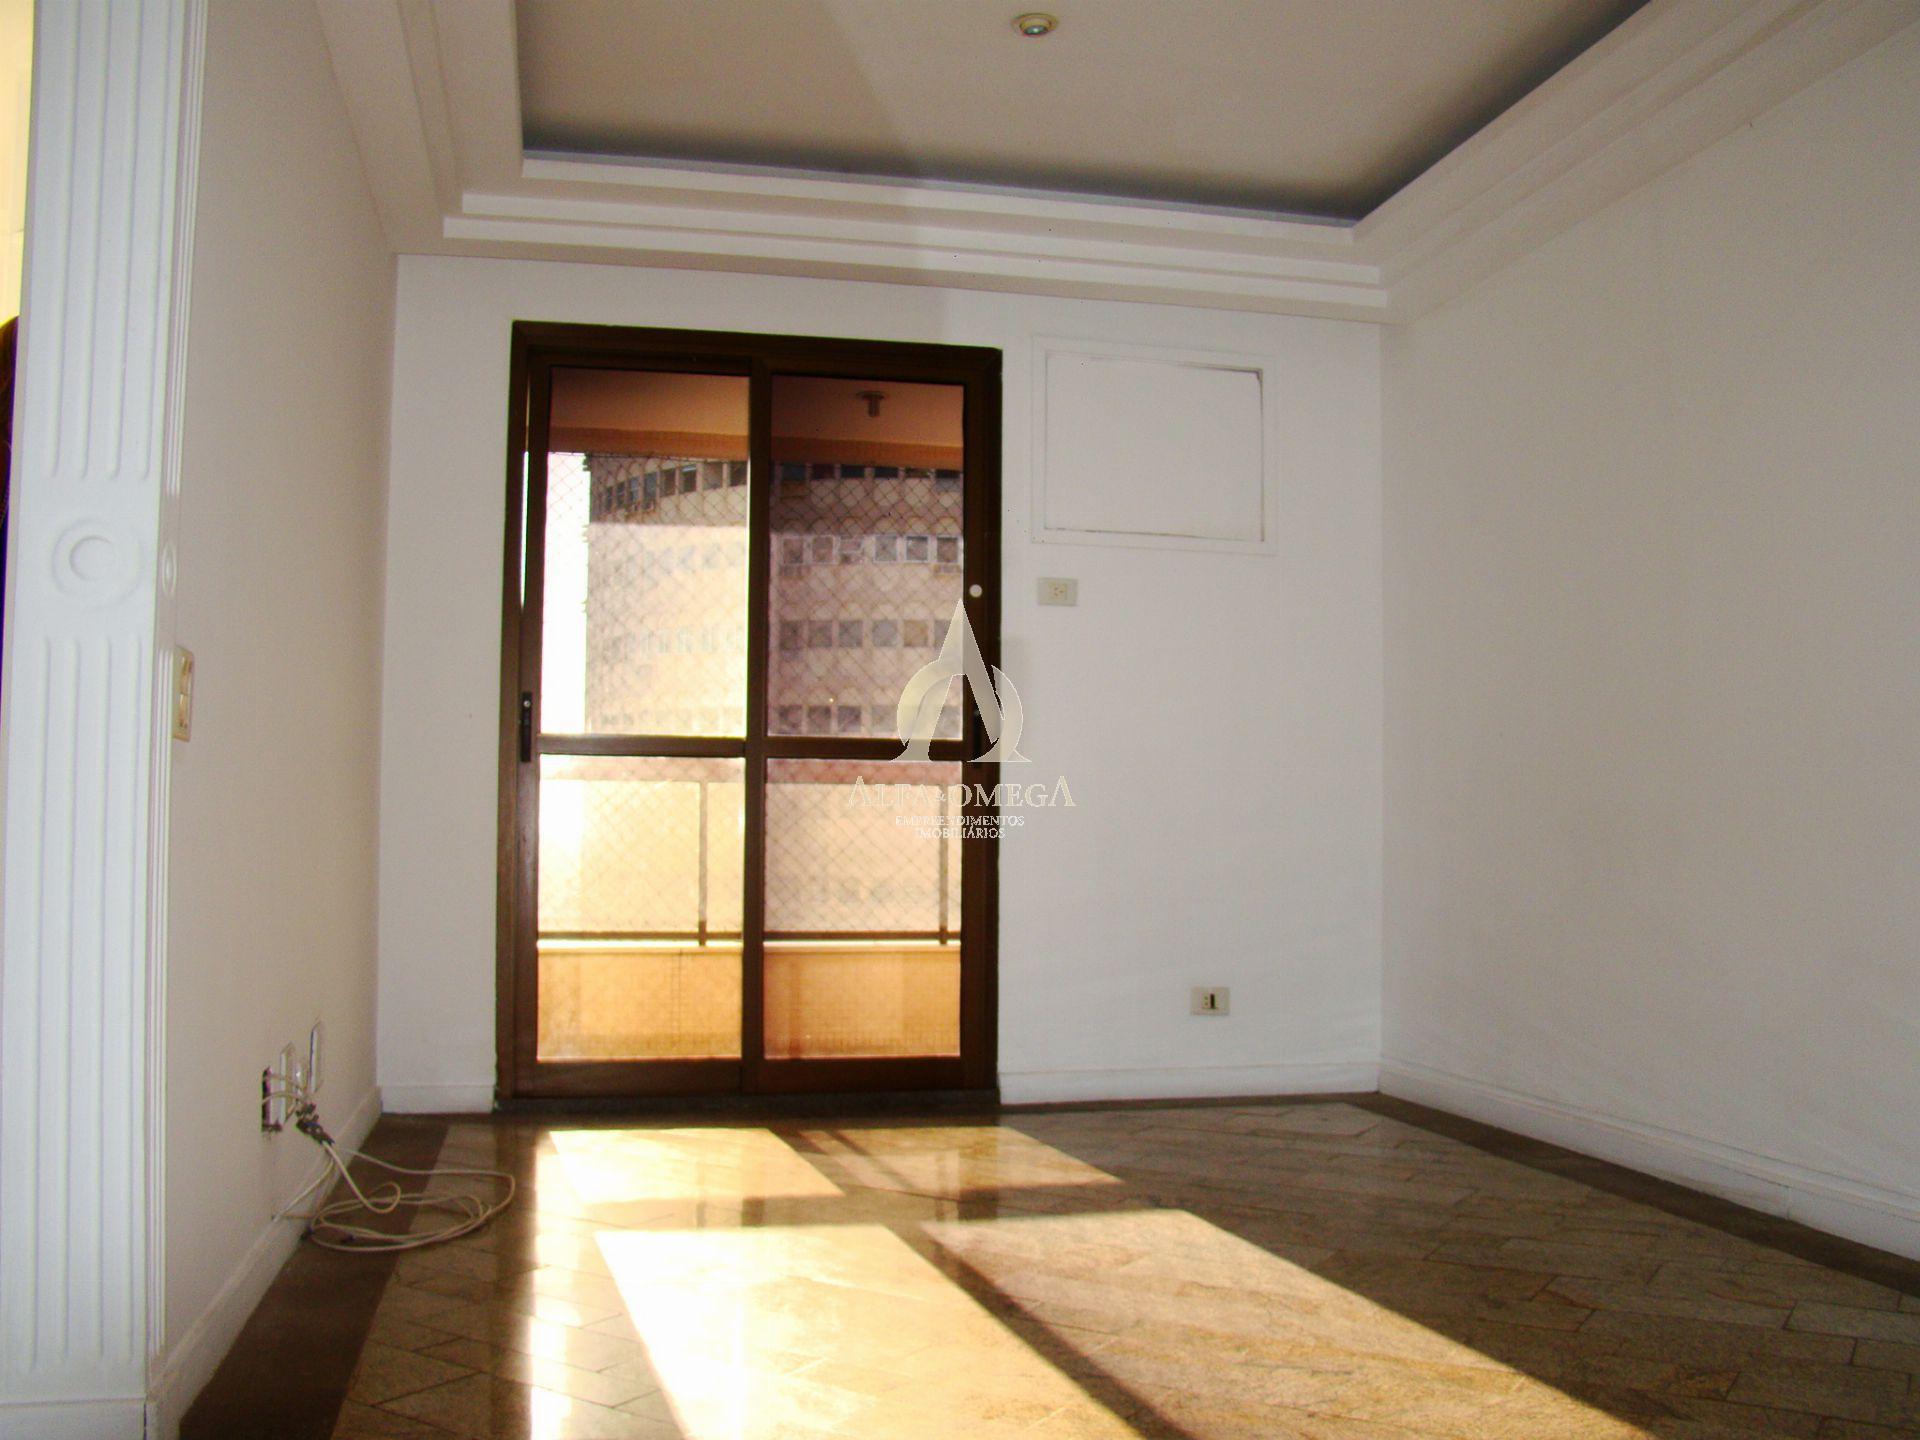 FOTO 3 - Apartamento 2 quartos à venda Barra da Tijuca, Rio de Janeiro - R$ 650.000 - AO20411 - 5